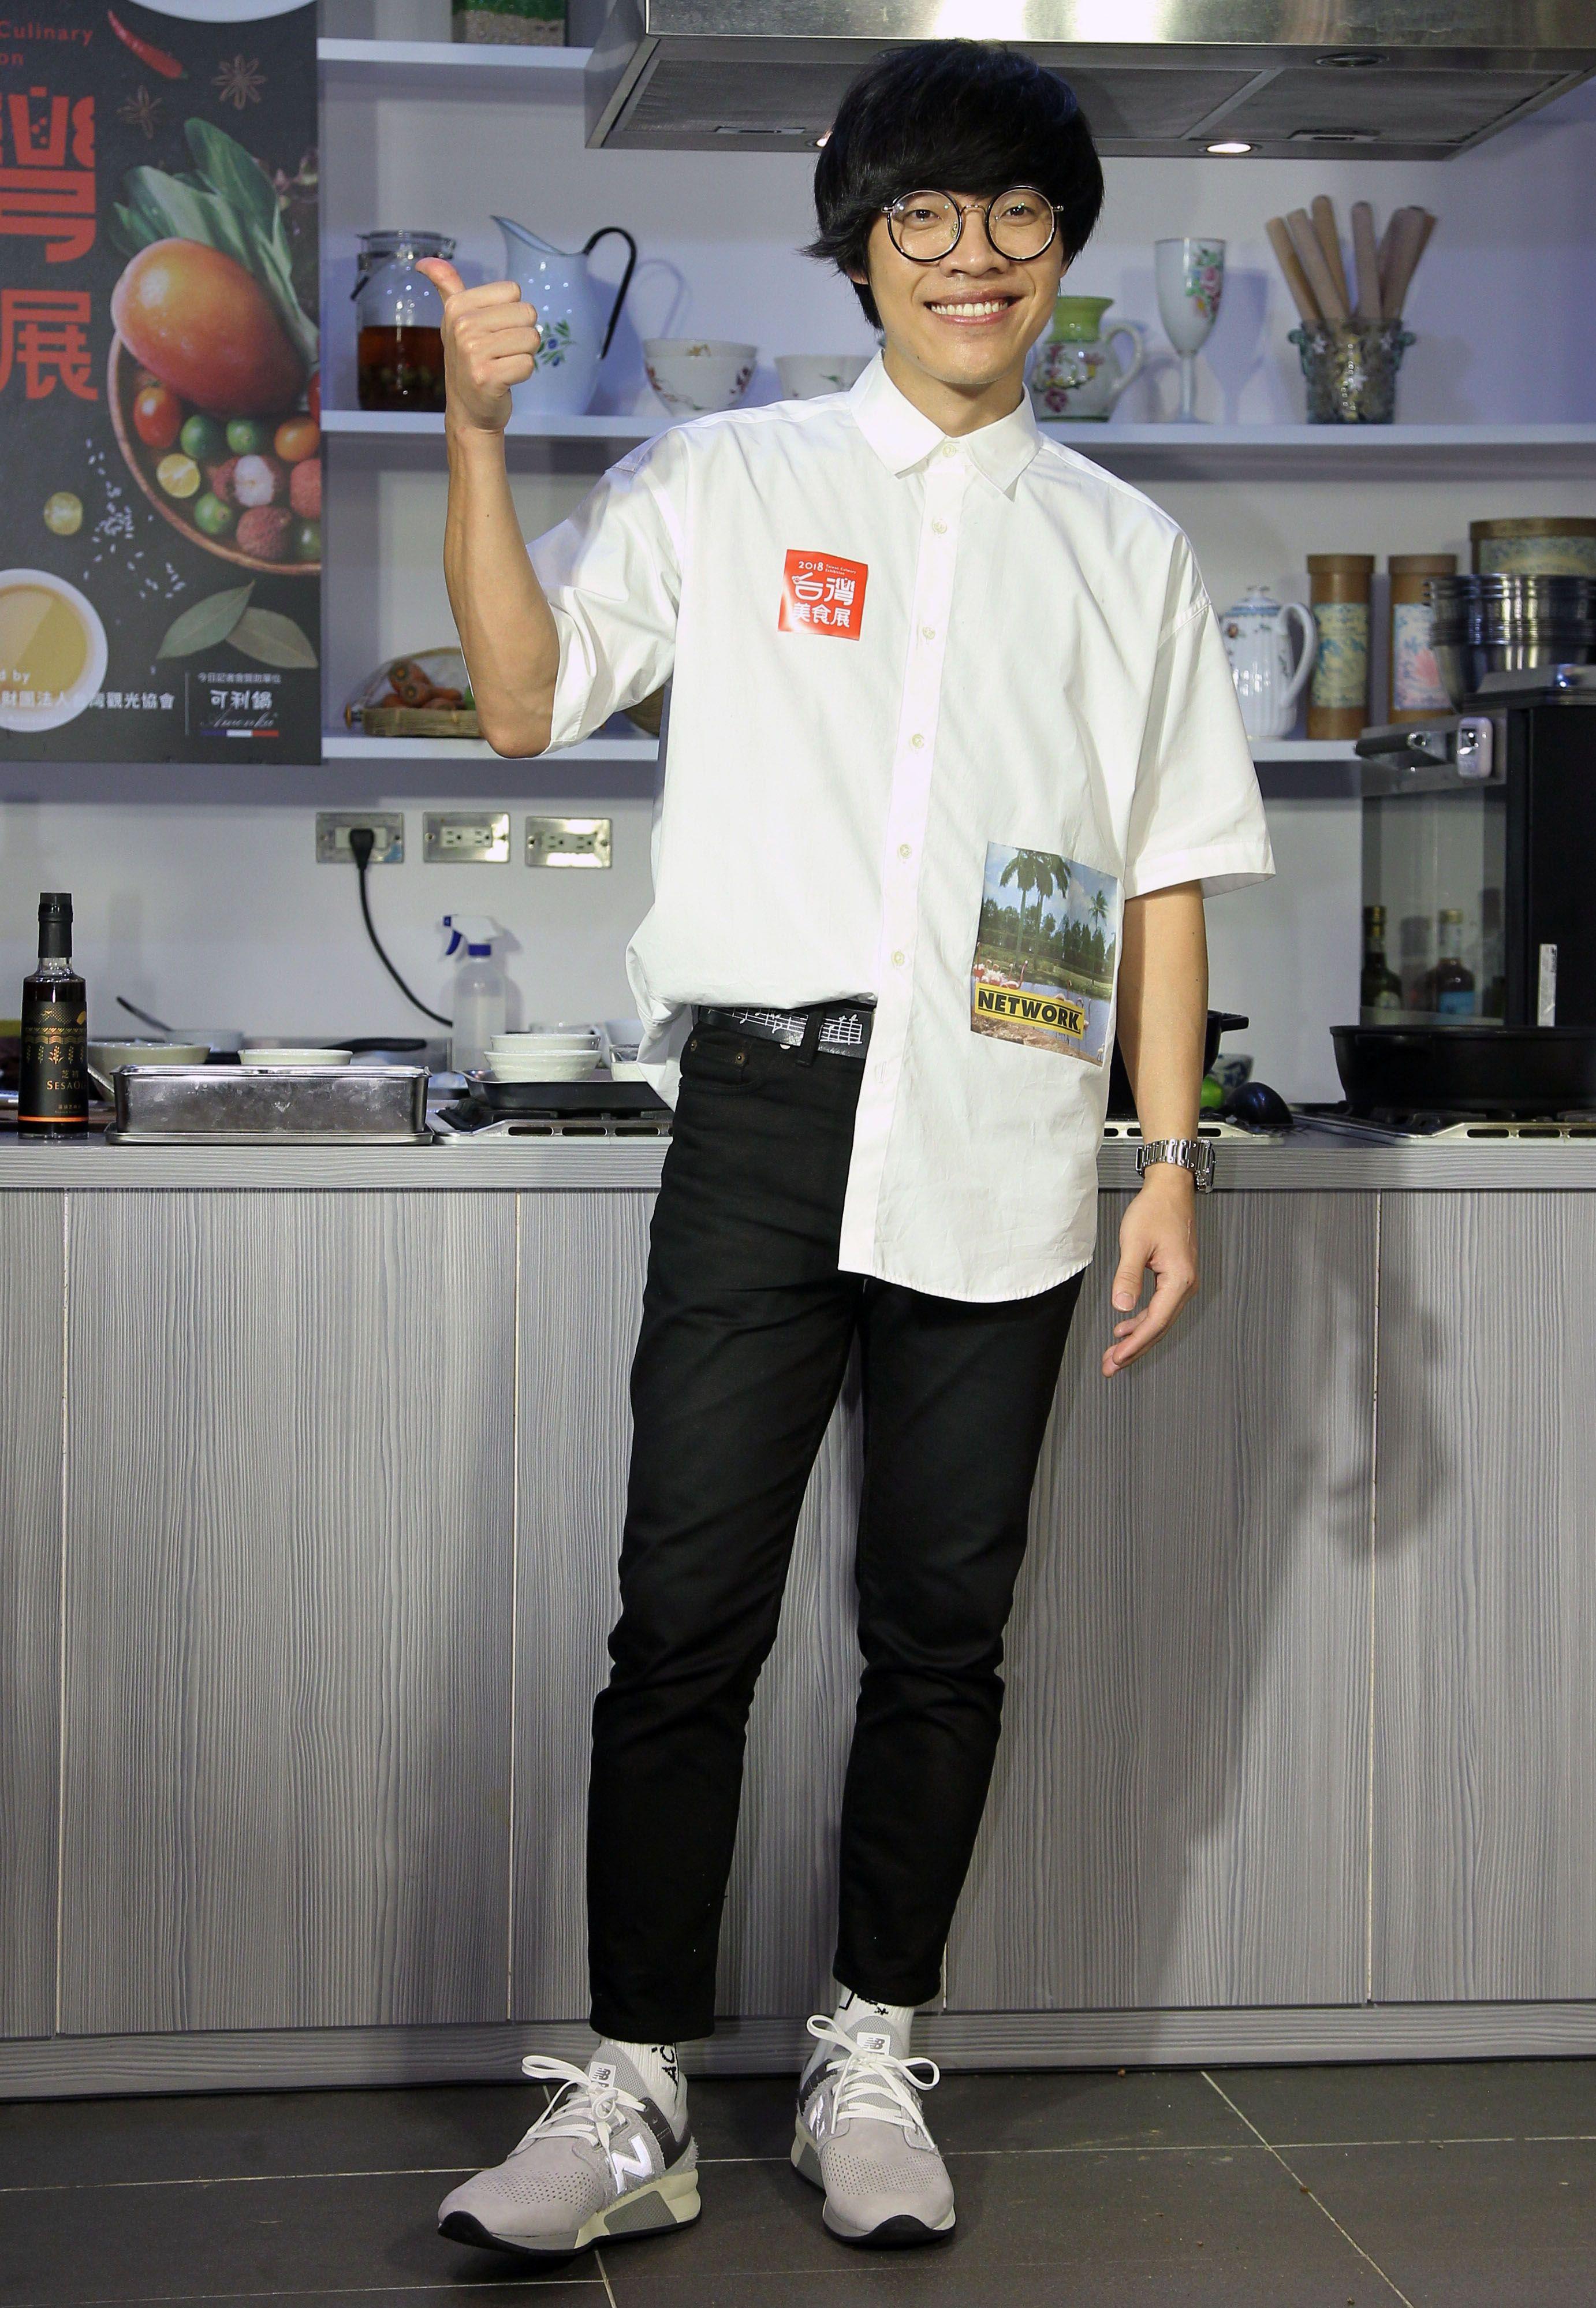 盧廣仲擔任2018台灣美食展宣傳大使,現場挑戰香煎虱目魚肚與澎派海鮮粥兩道台灣海味料理。(記者邱榮吉/攝影)